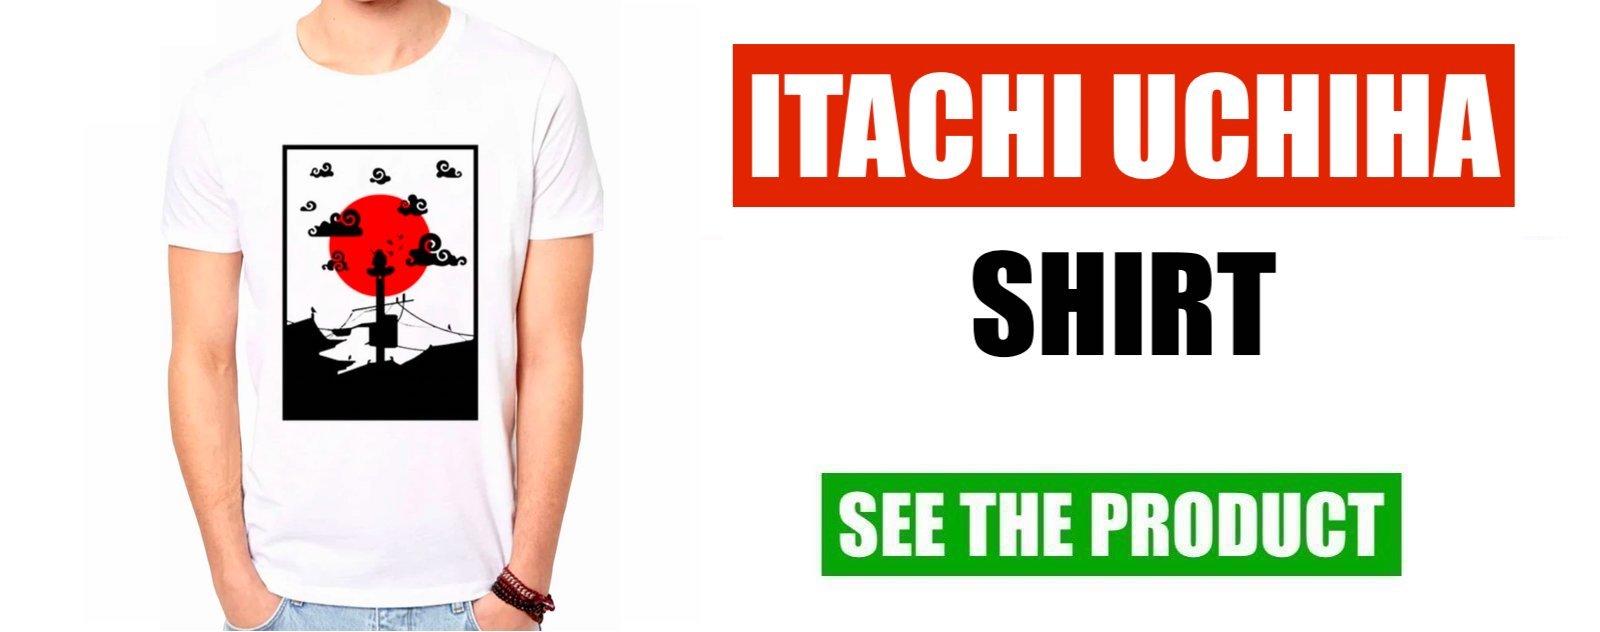 Itachi Uchiha Shirt